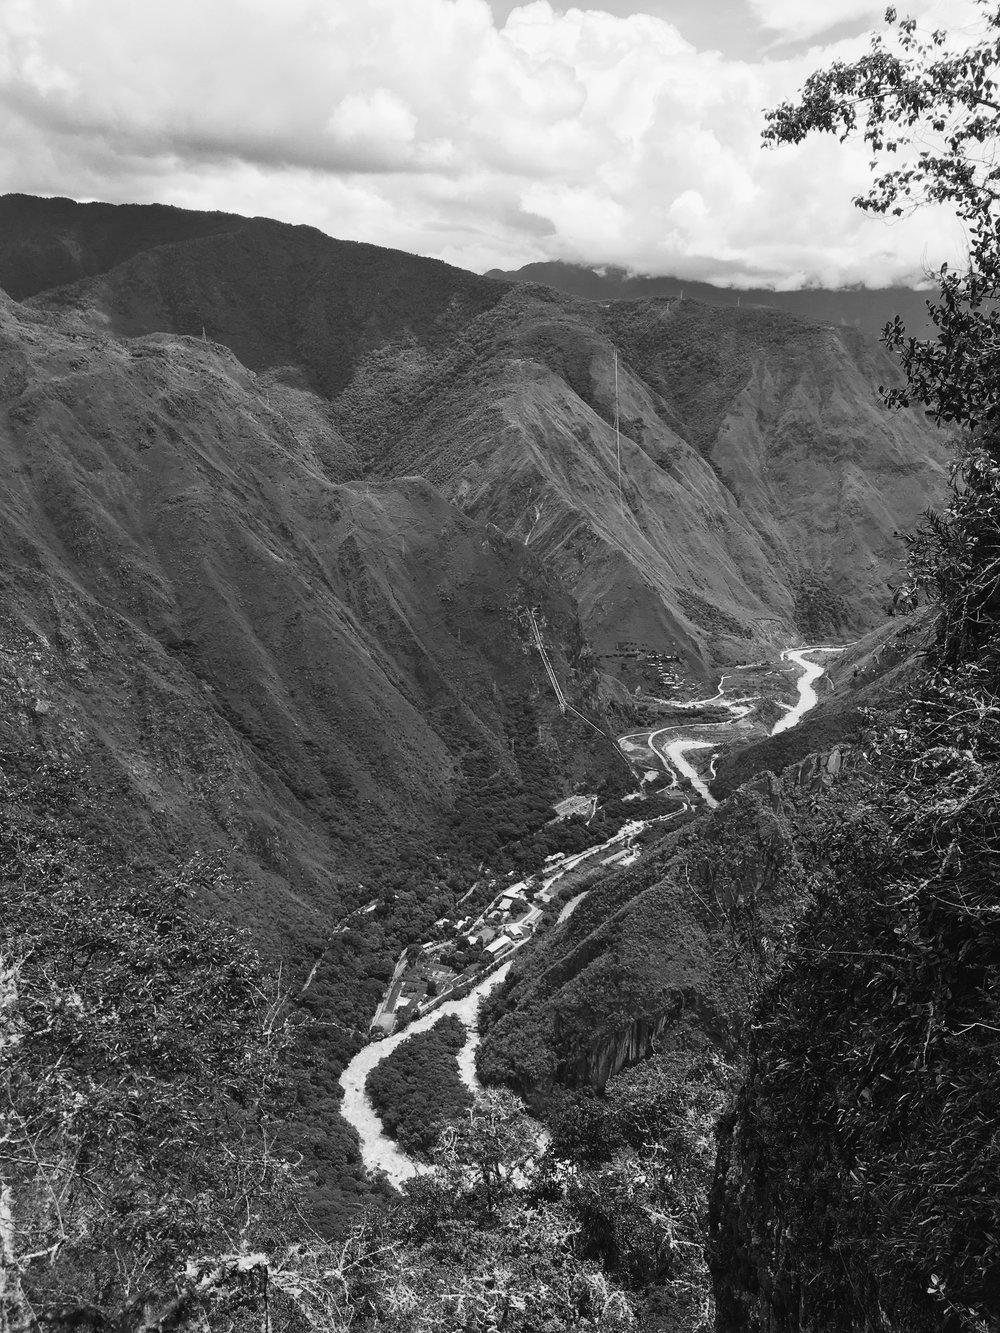 Vista do Rio Urubamba e a usina Hidroelétrica no caminho para a Ponte Inca -iPhone 6 SE + VSCO CAM app